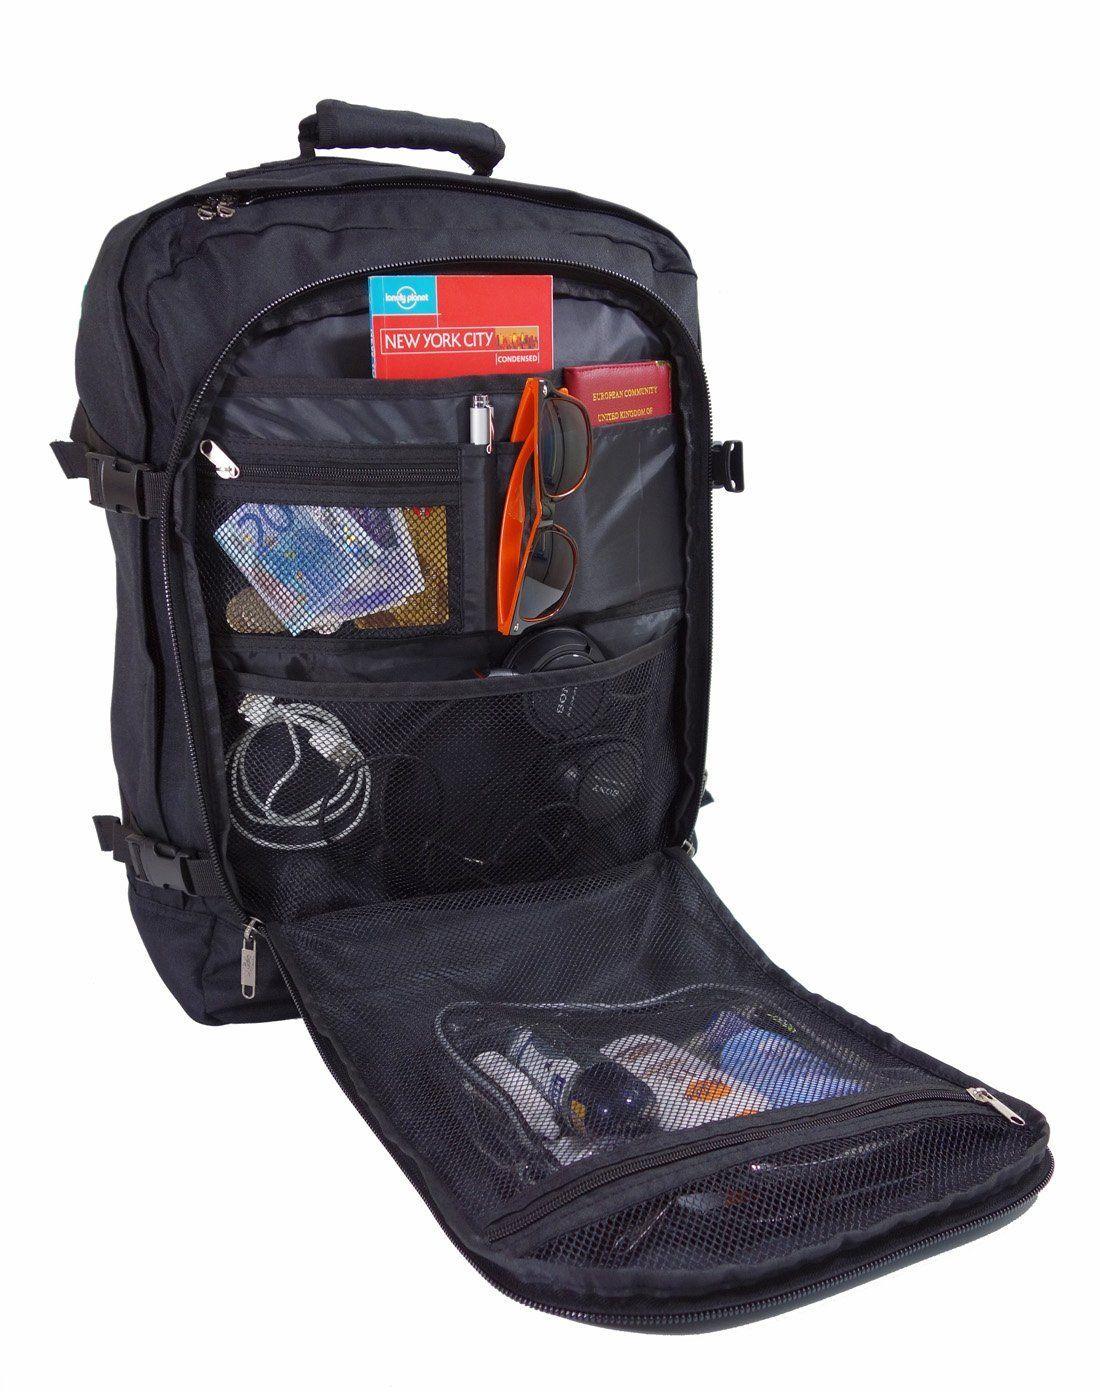 cabin max rucksack geeignet als handgep ck im flugzeug. Black Bedroom Furniture Sets. Home Design Ideas